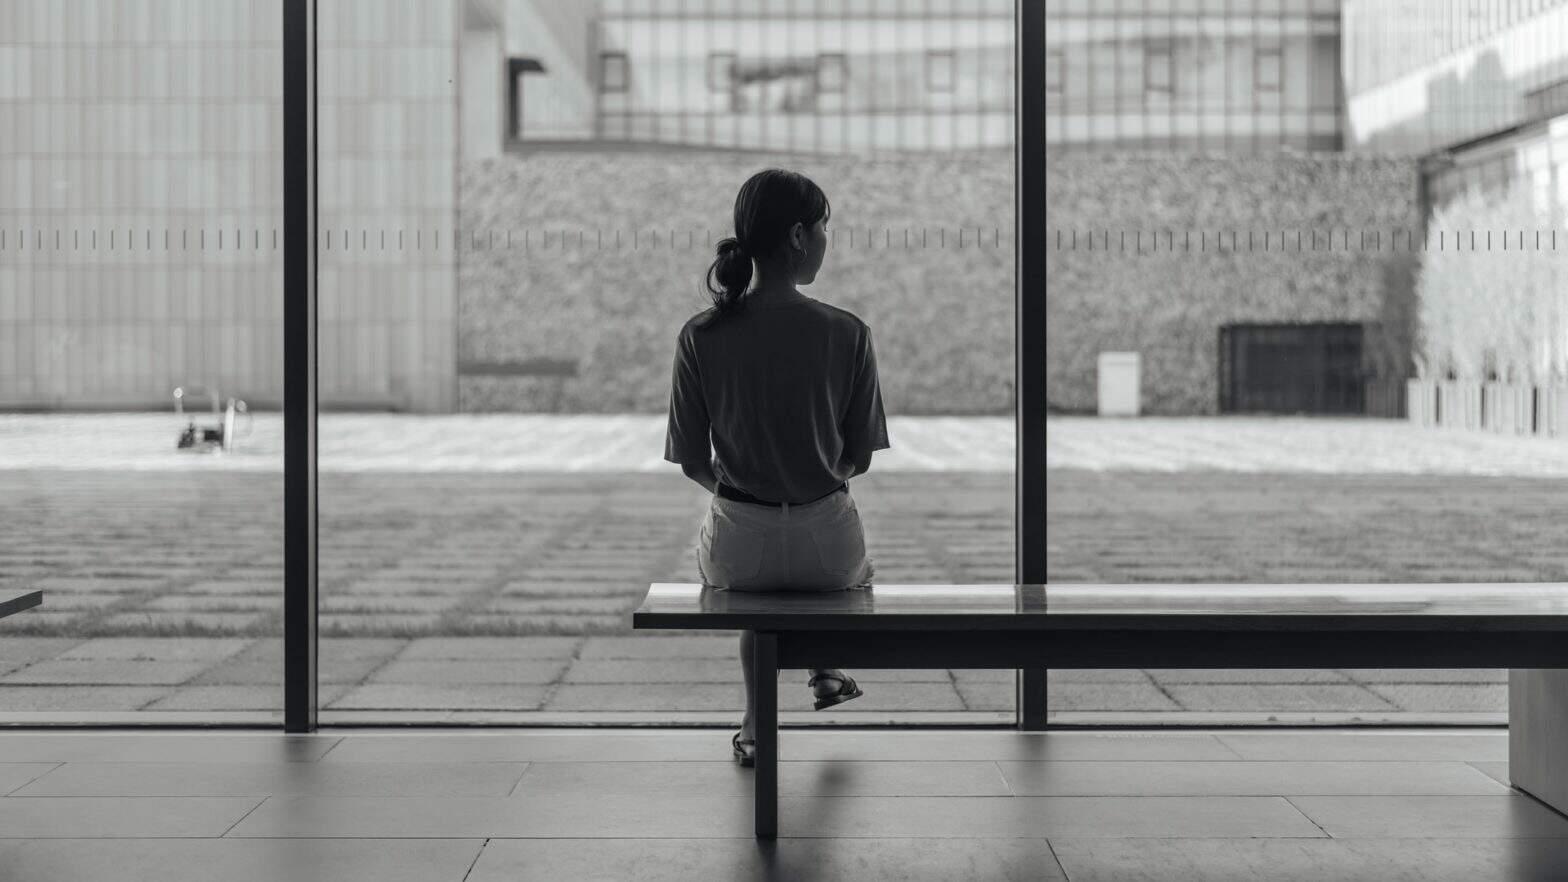 Sentimento de solidão é um sinal de que você precisa rever conexões sociais